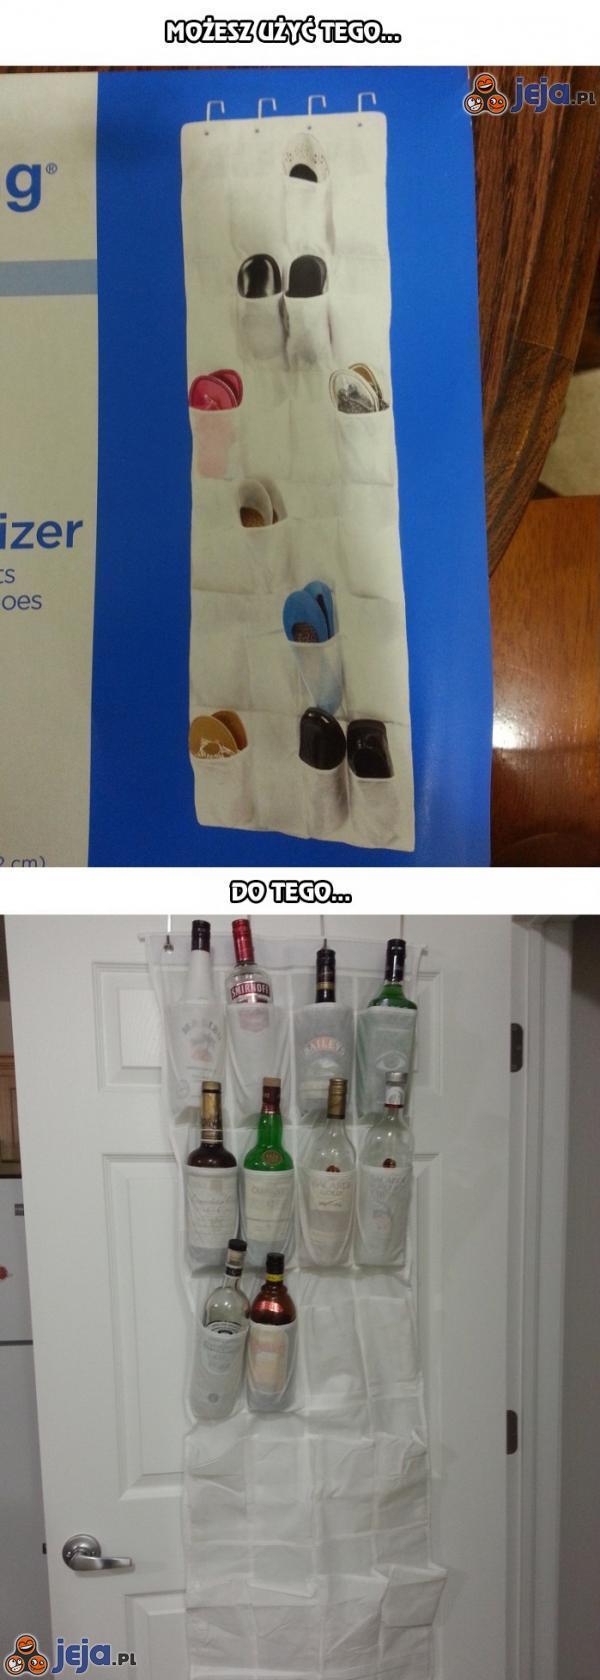 Jak zadbać o kolekcję alkoholi